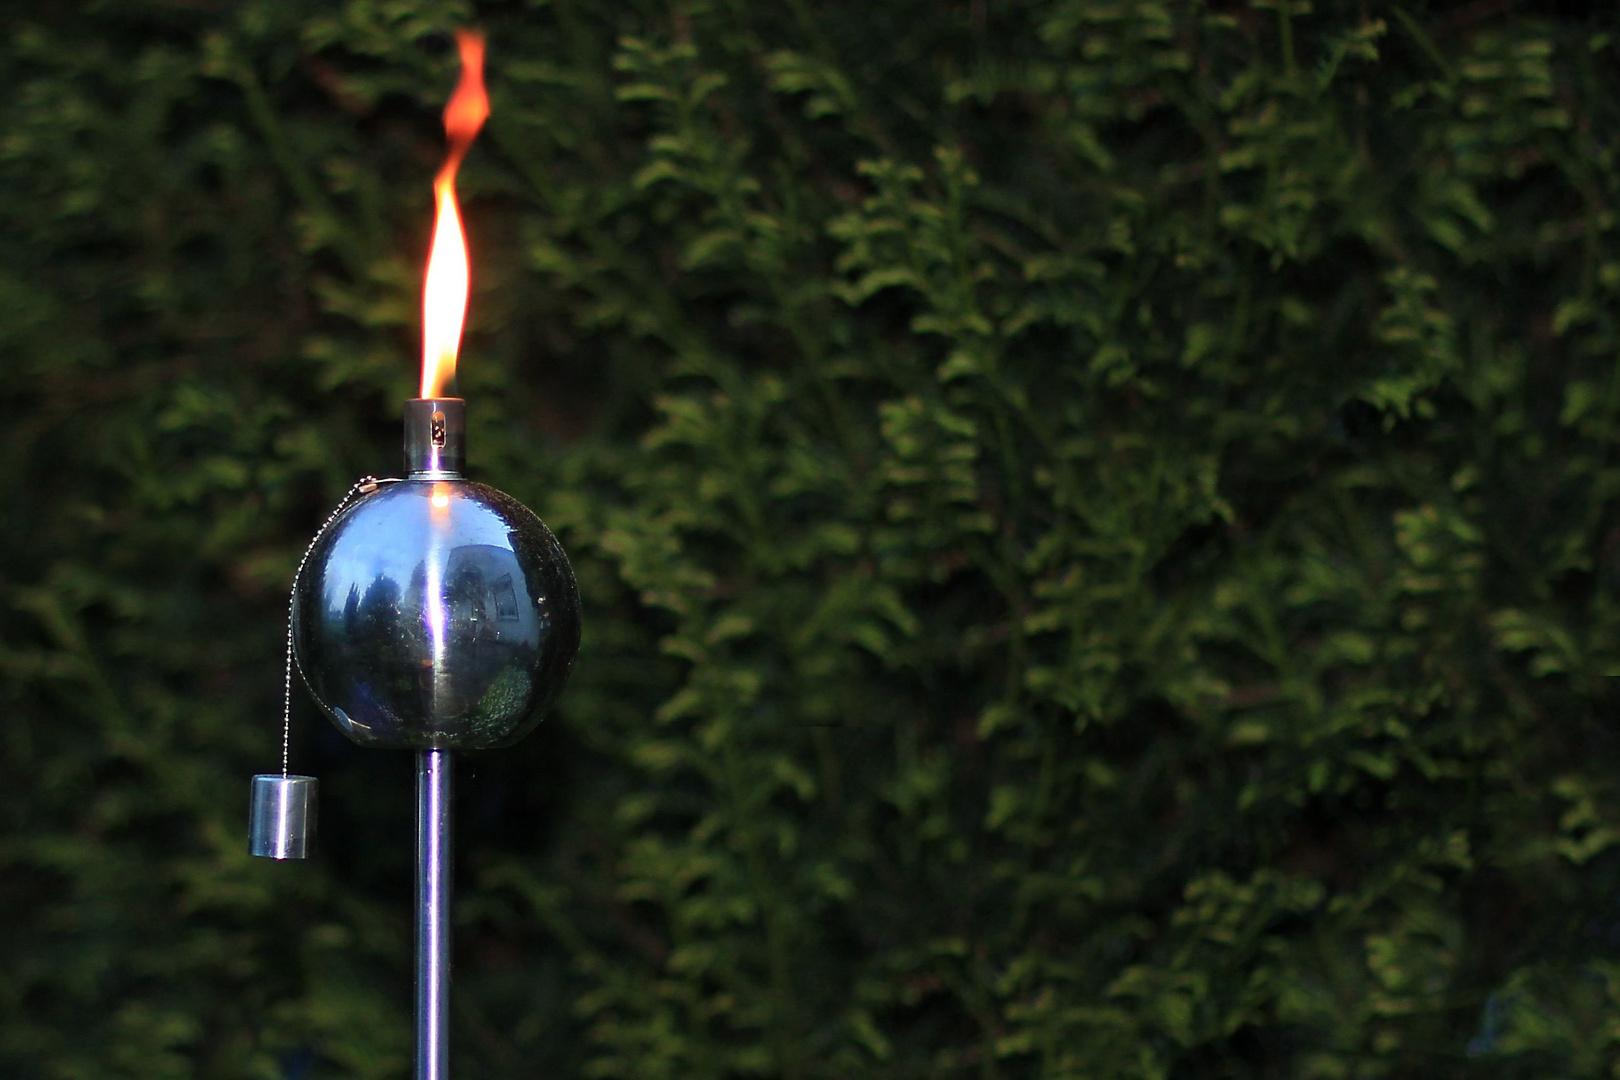 Feuer + Ruhe = Gemütlichkeit